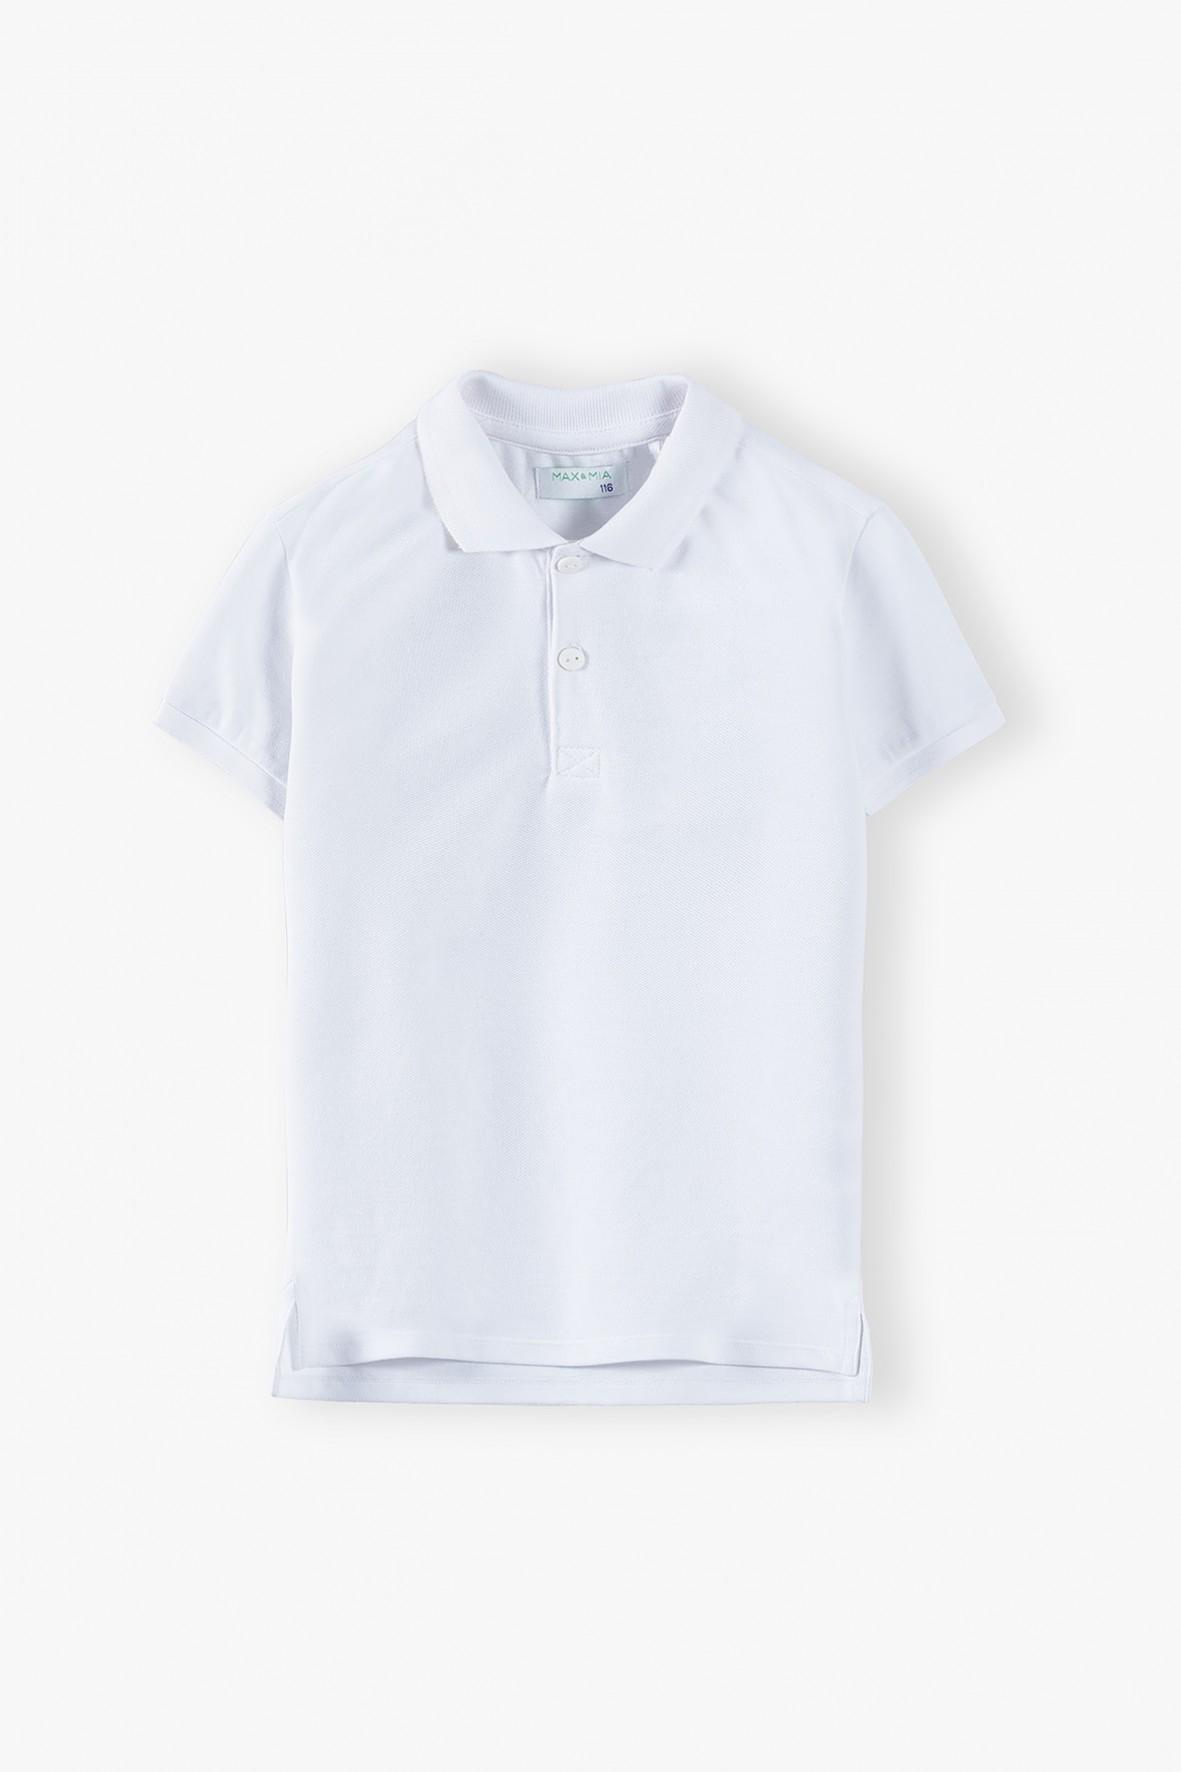 T-shirt chłopięcy bawełniany z kołnierzykiem -biały